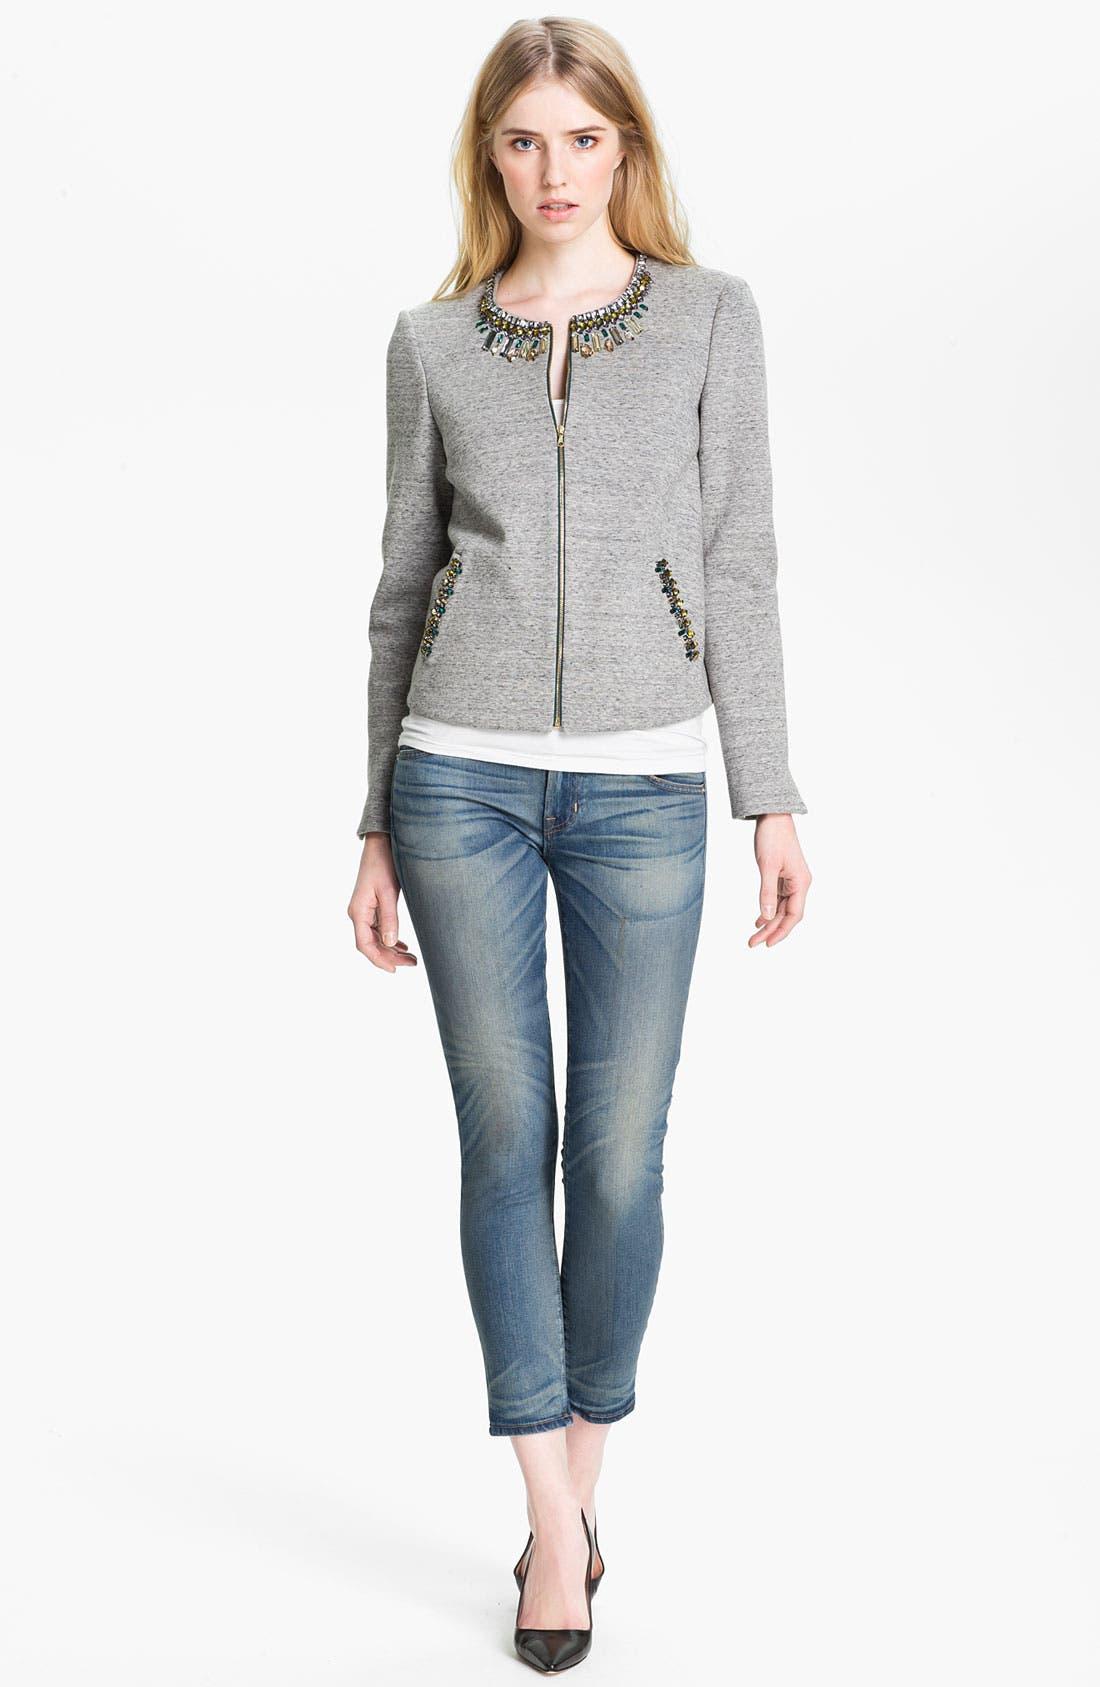 Alternate Image 1 Selected - Elizabeth and James Jacket & TEXTILE Jeans